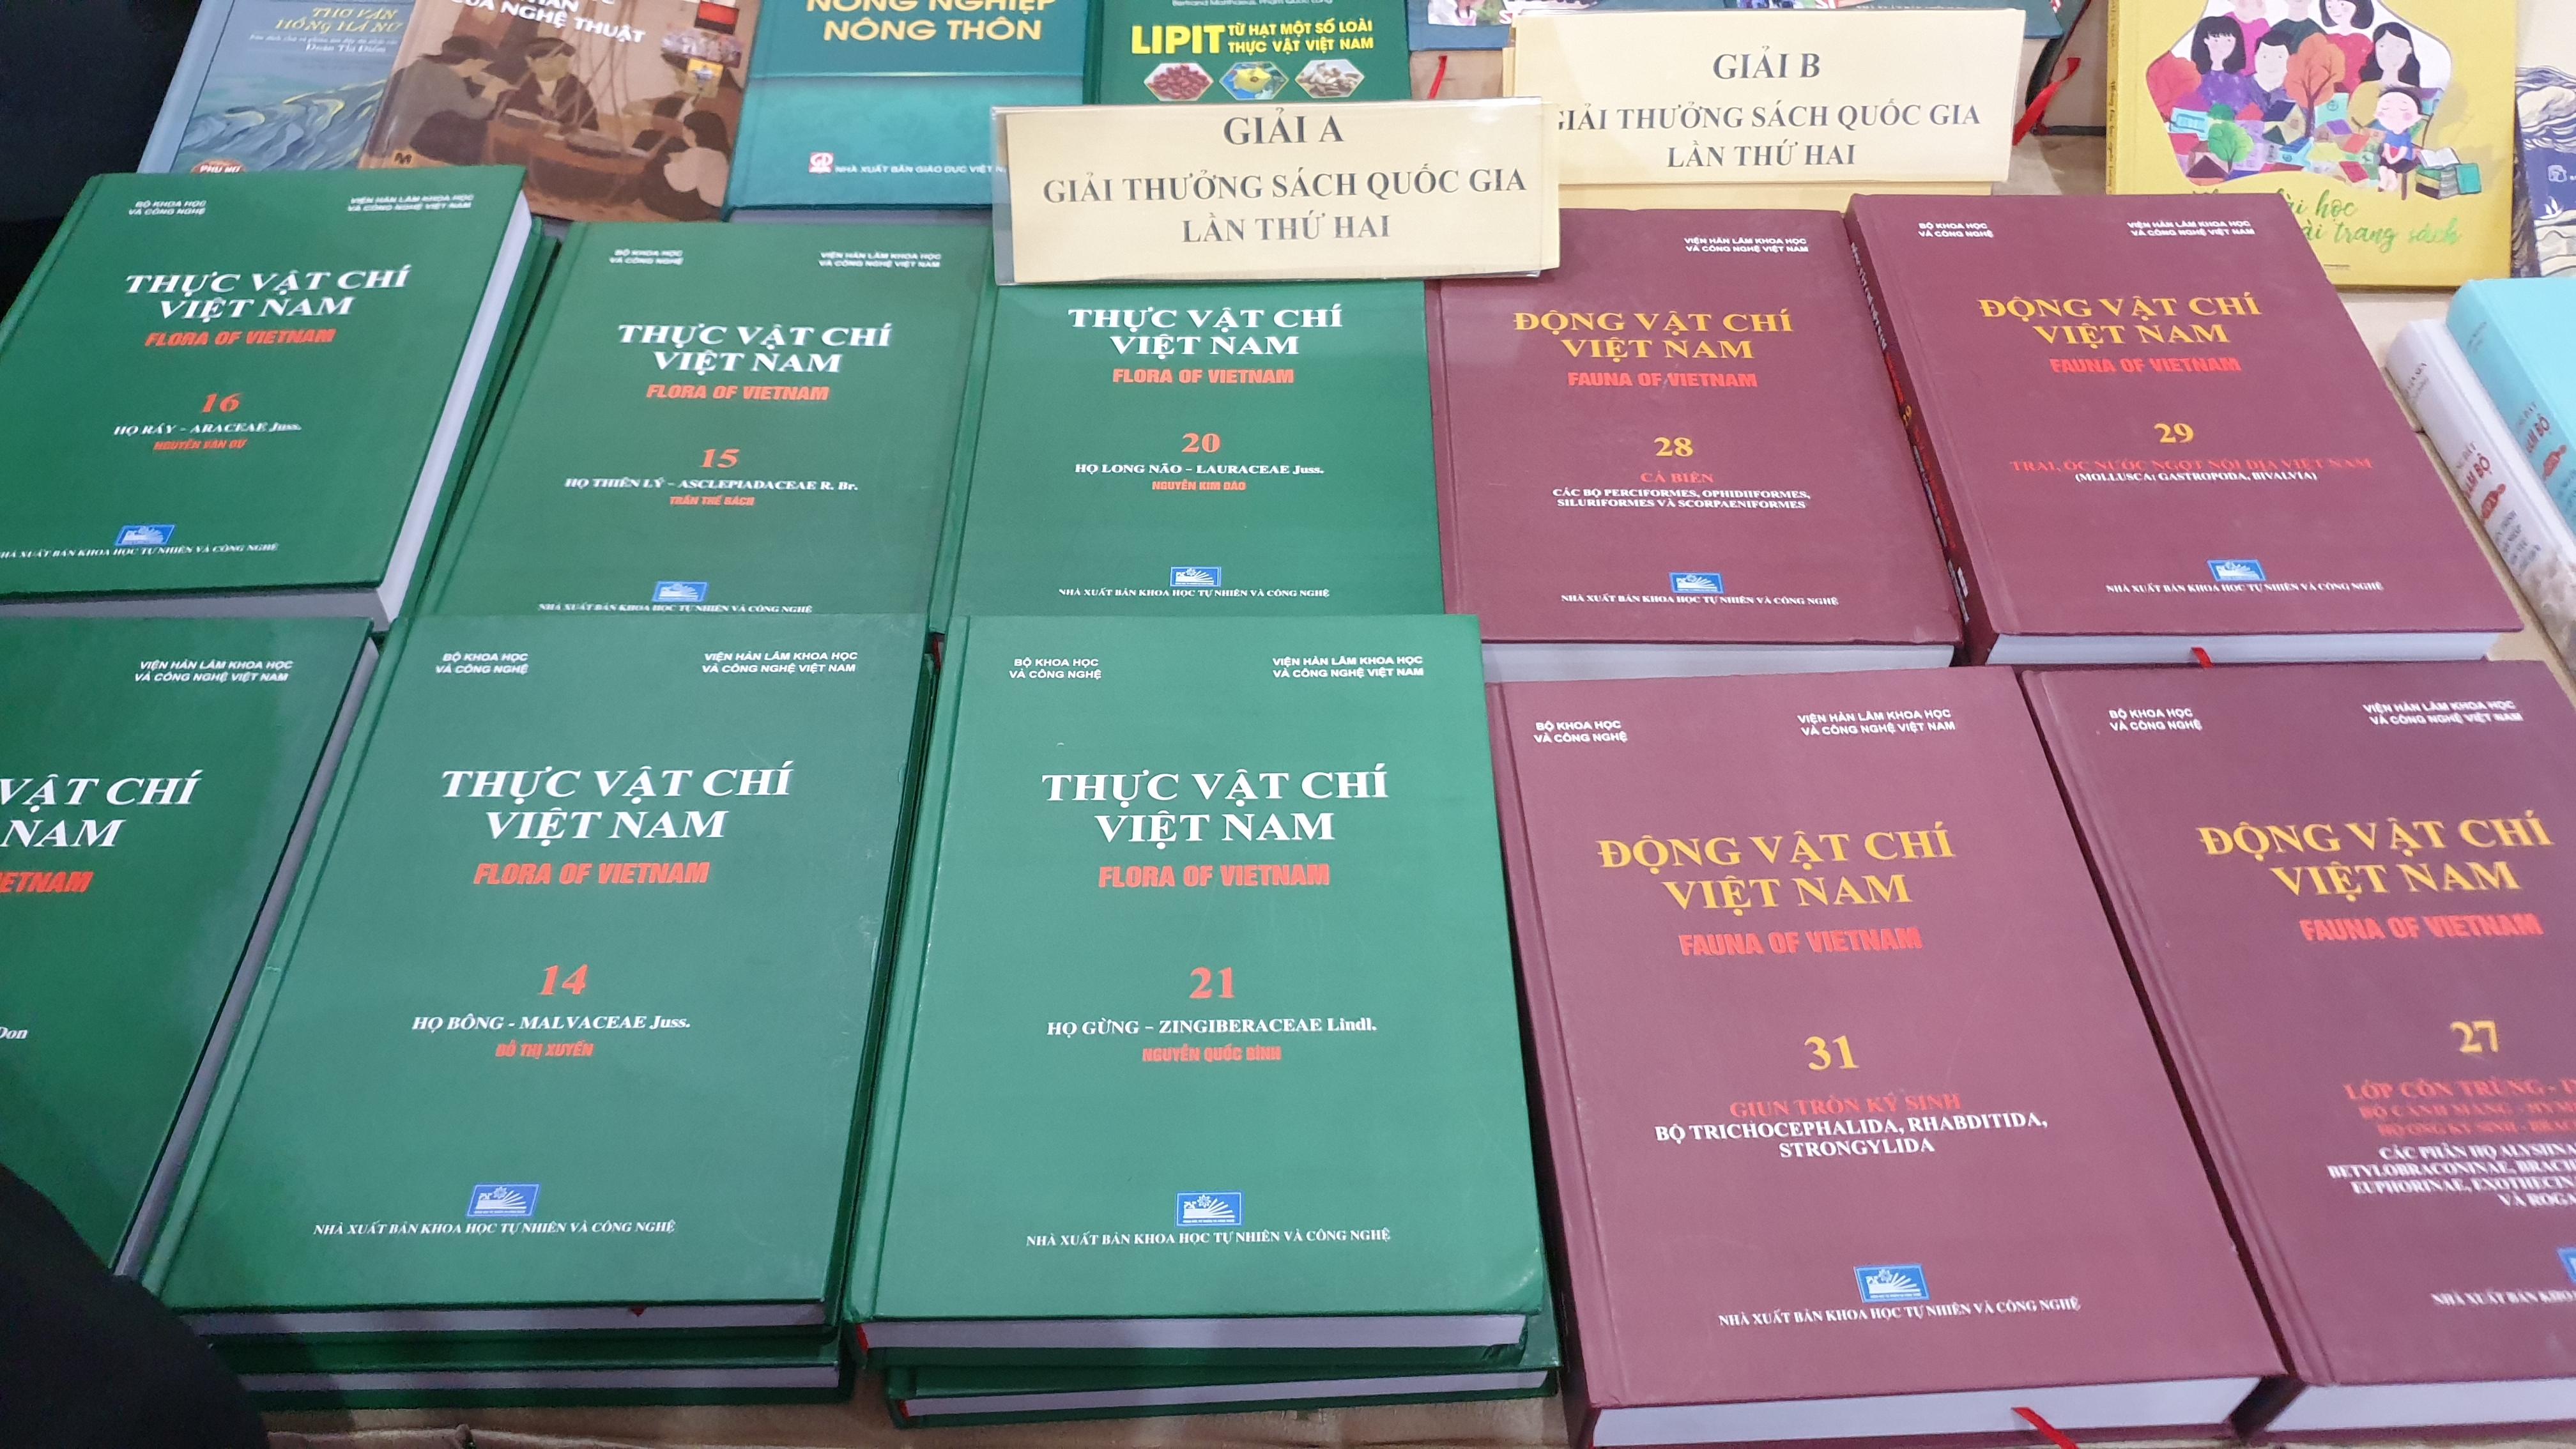 Giải thưởng Sách quốc gia: Giá trị của những cuốn sách đã được nâng tầm